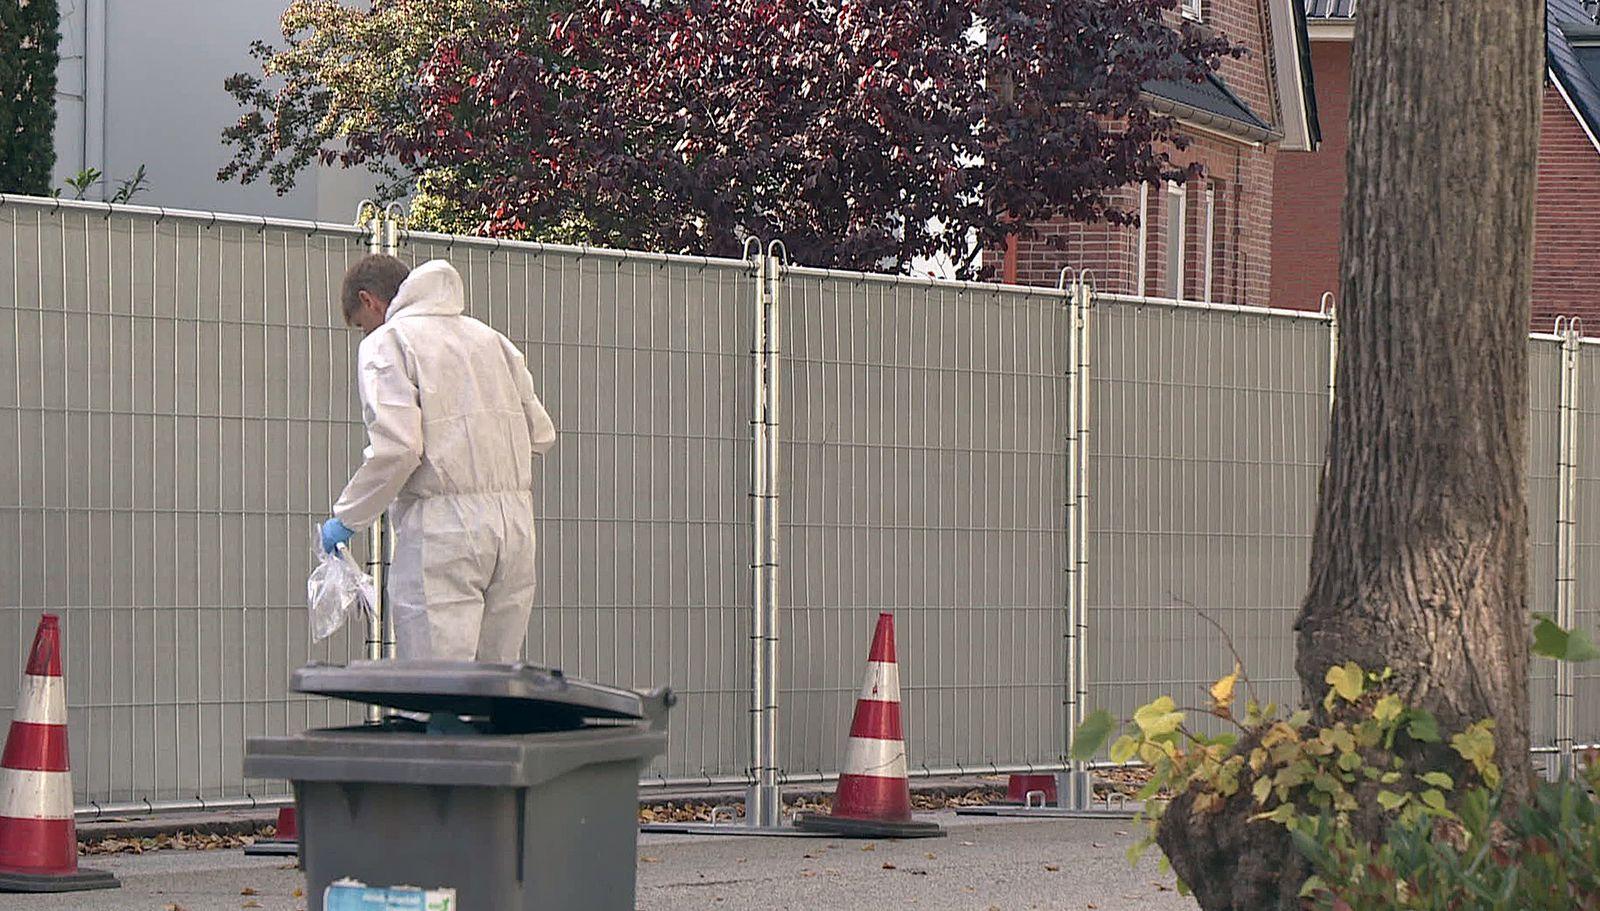 Obdachloser bei Polizei-Einsatz in Bad Oldesloe erschossen